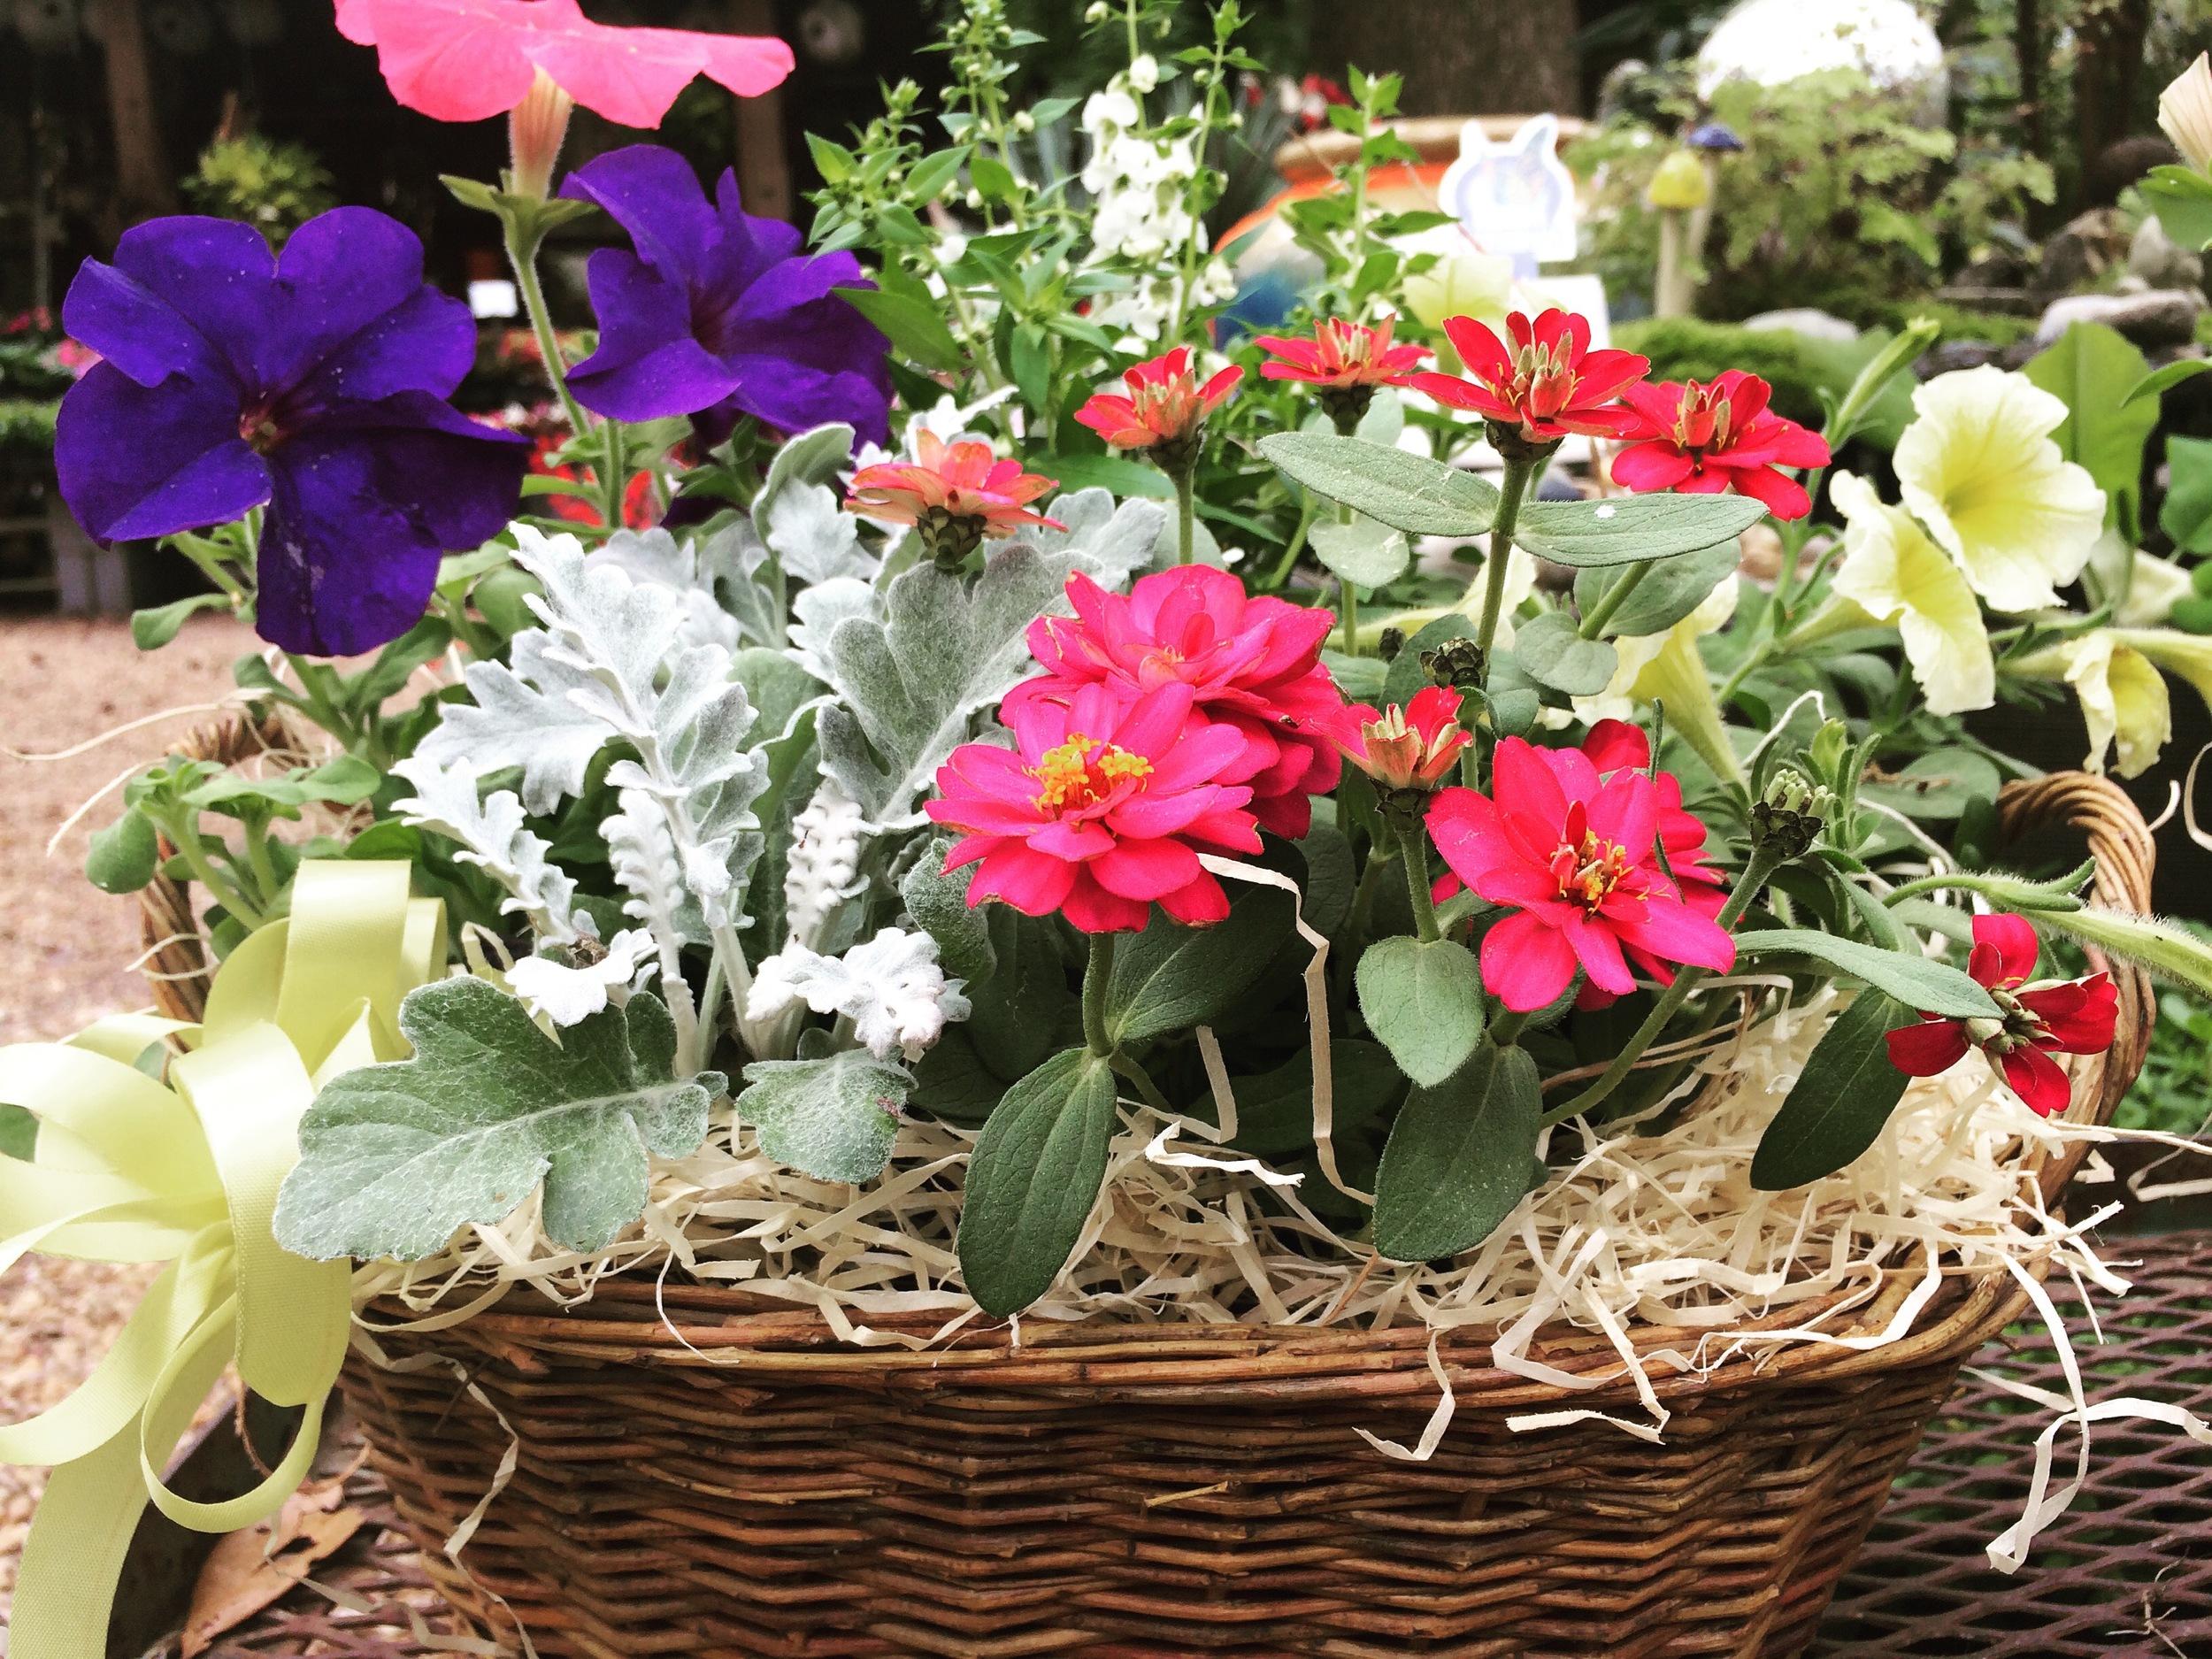 Flower & Herb Baskets